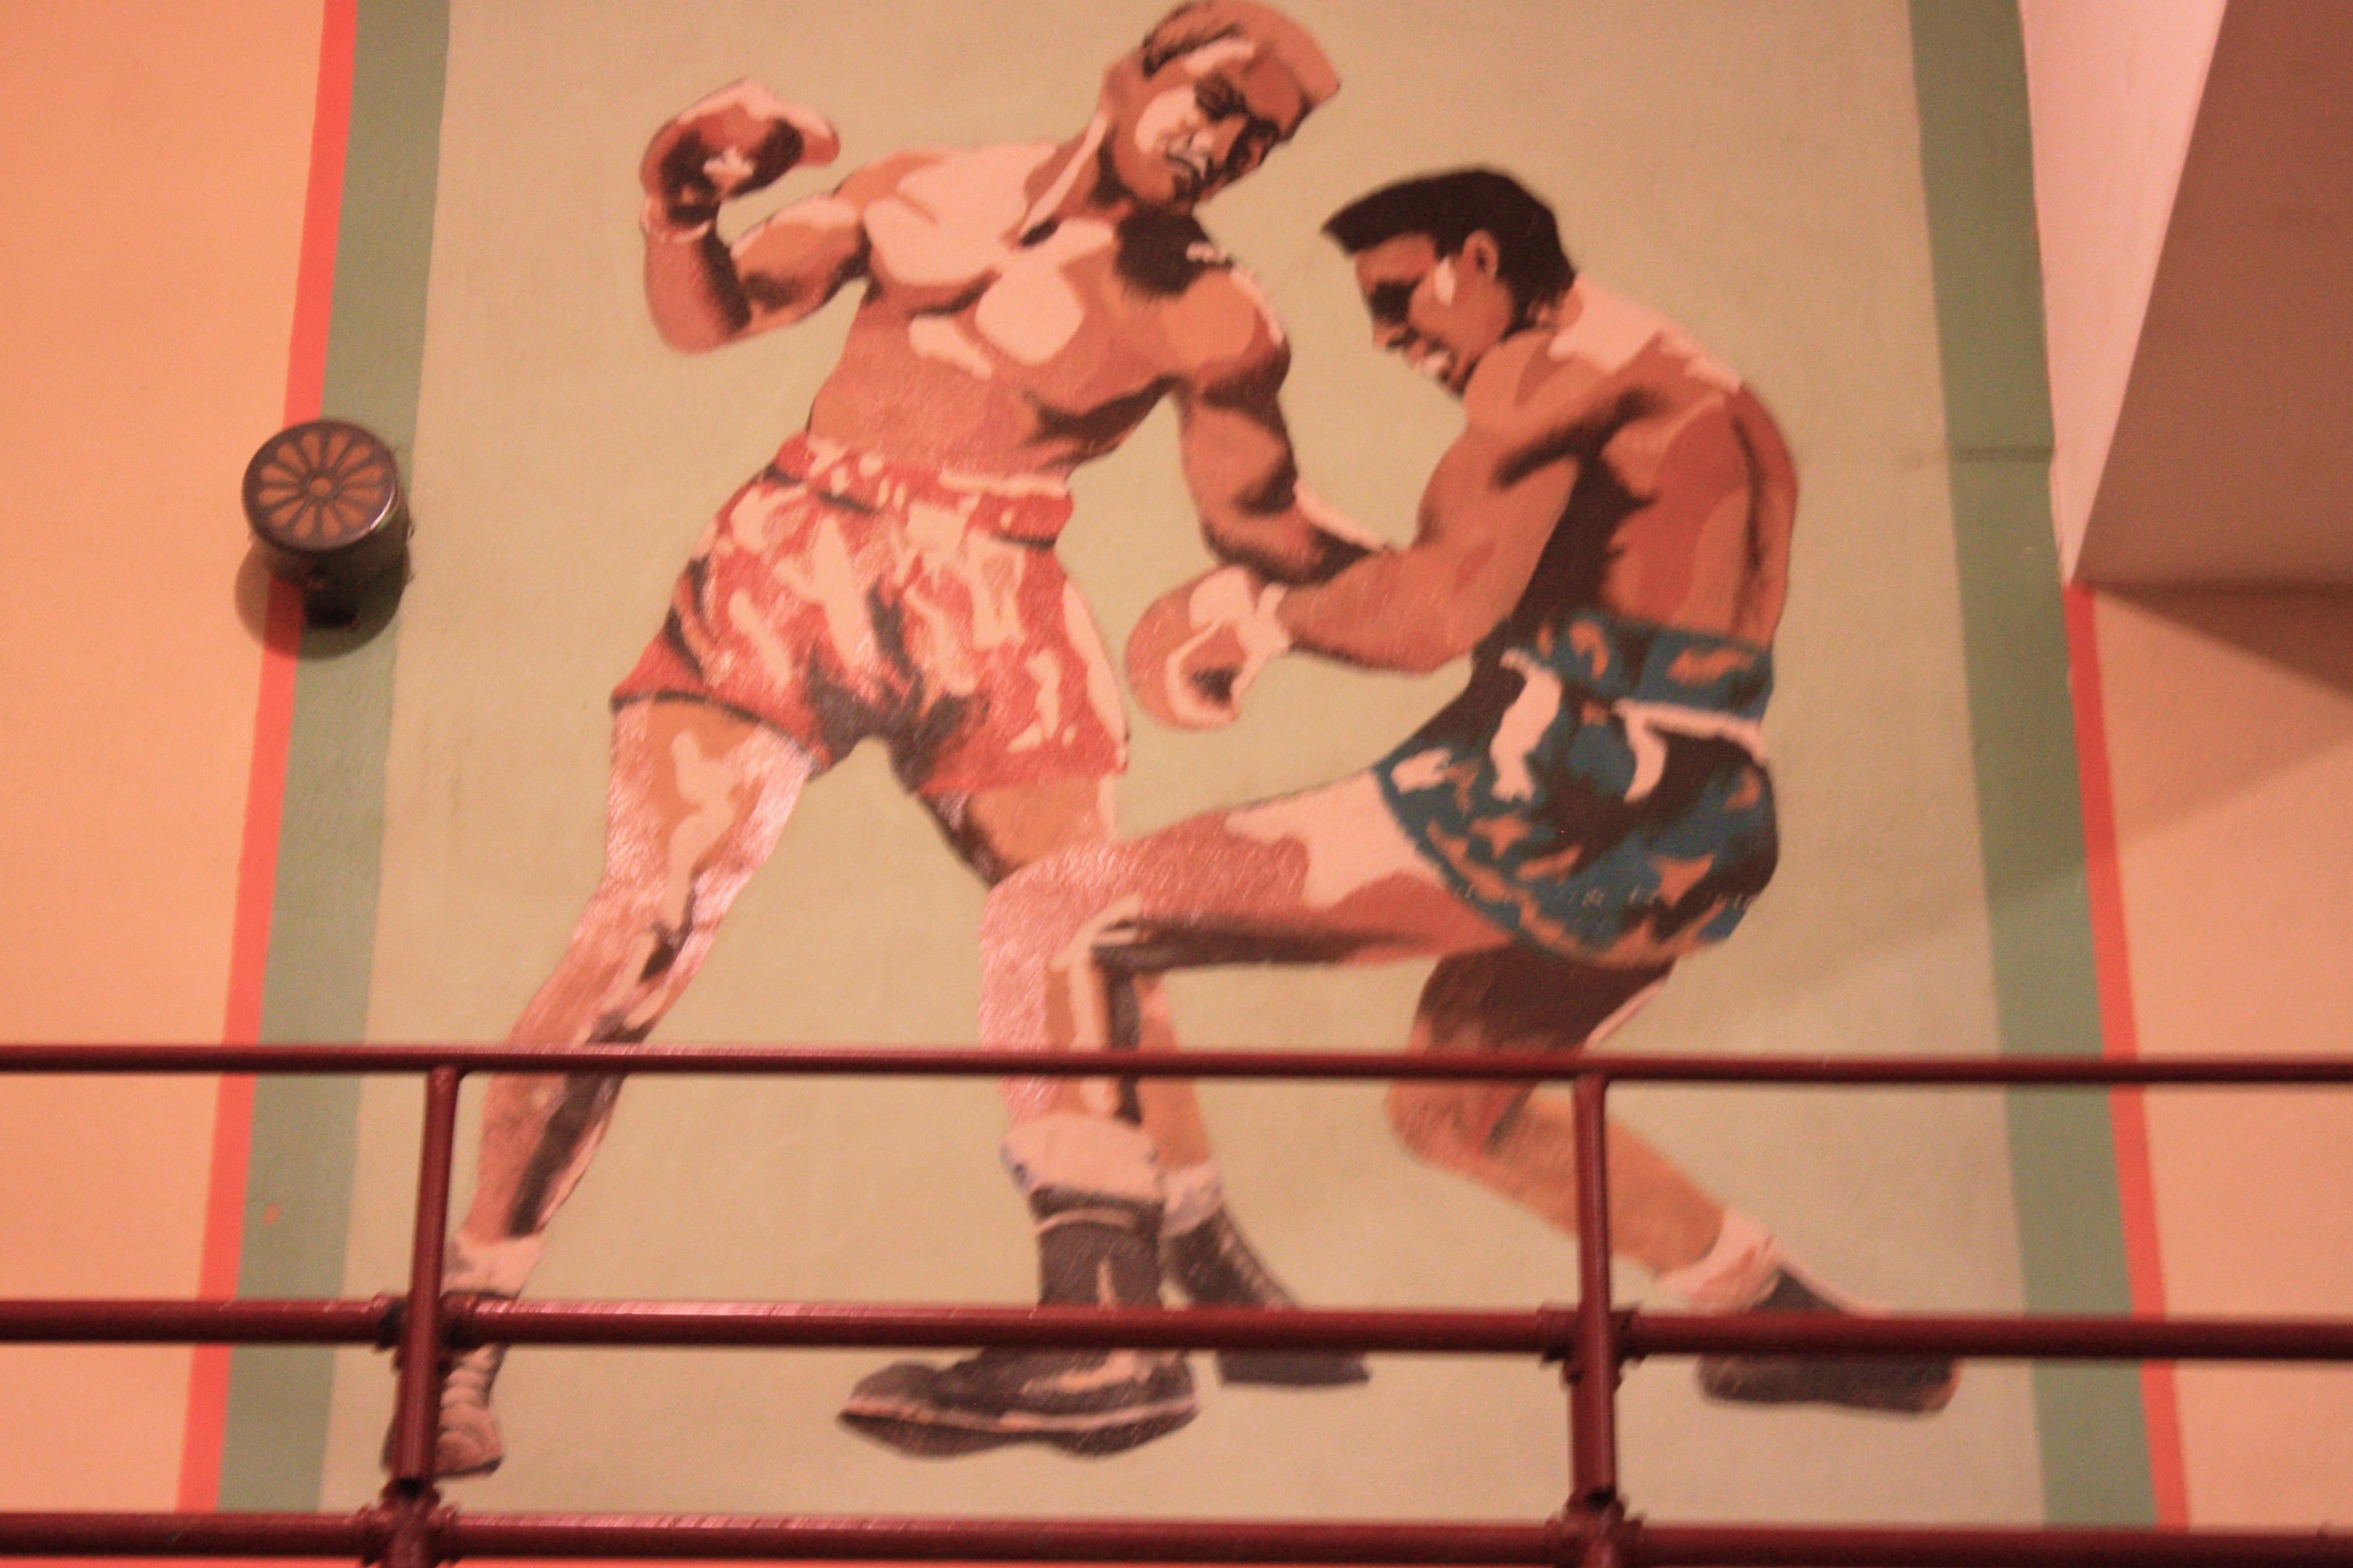 mural boxing